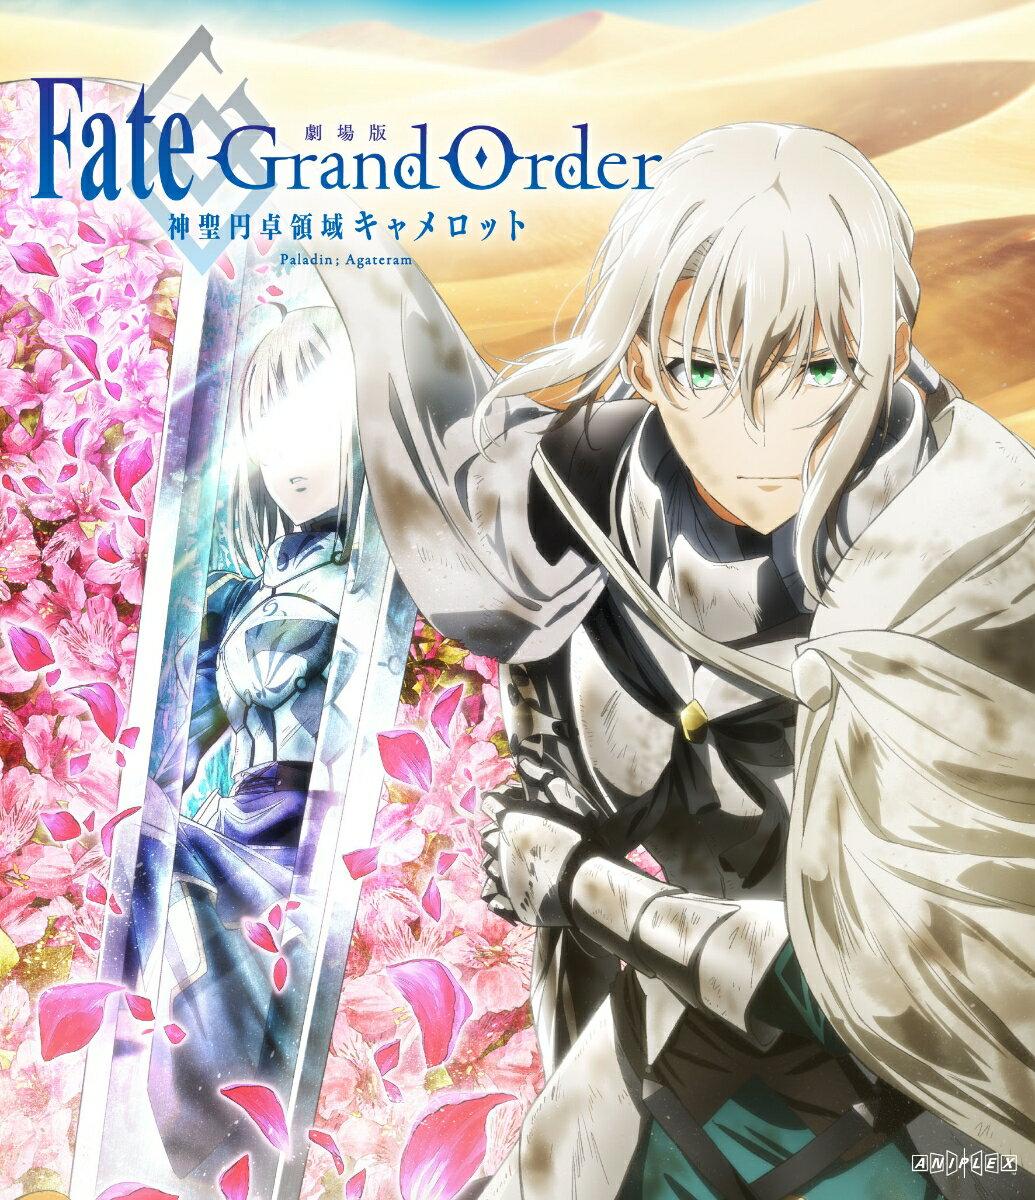 アニメ, キッズアニメ  FateGrand Order - Paladin; Agateram()Blu-ray